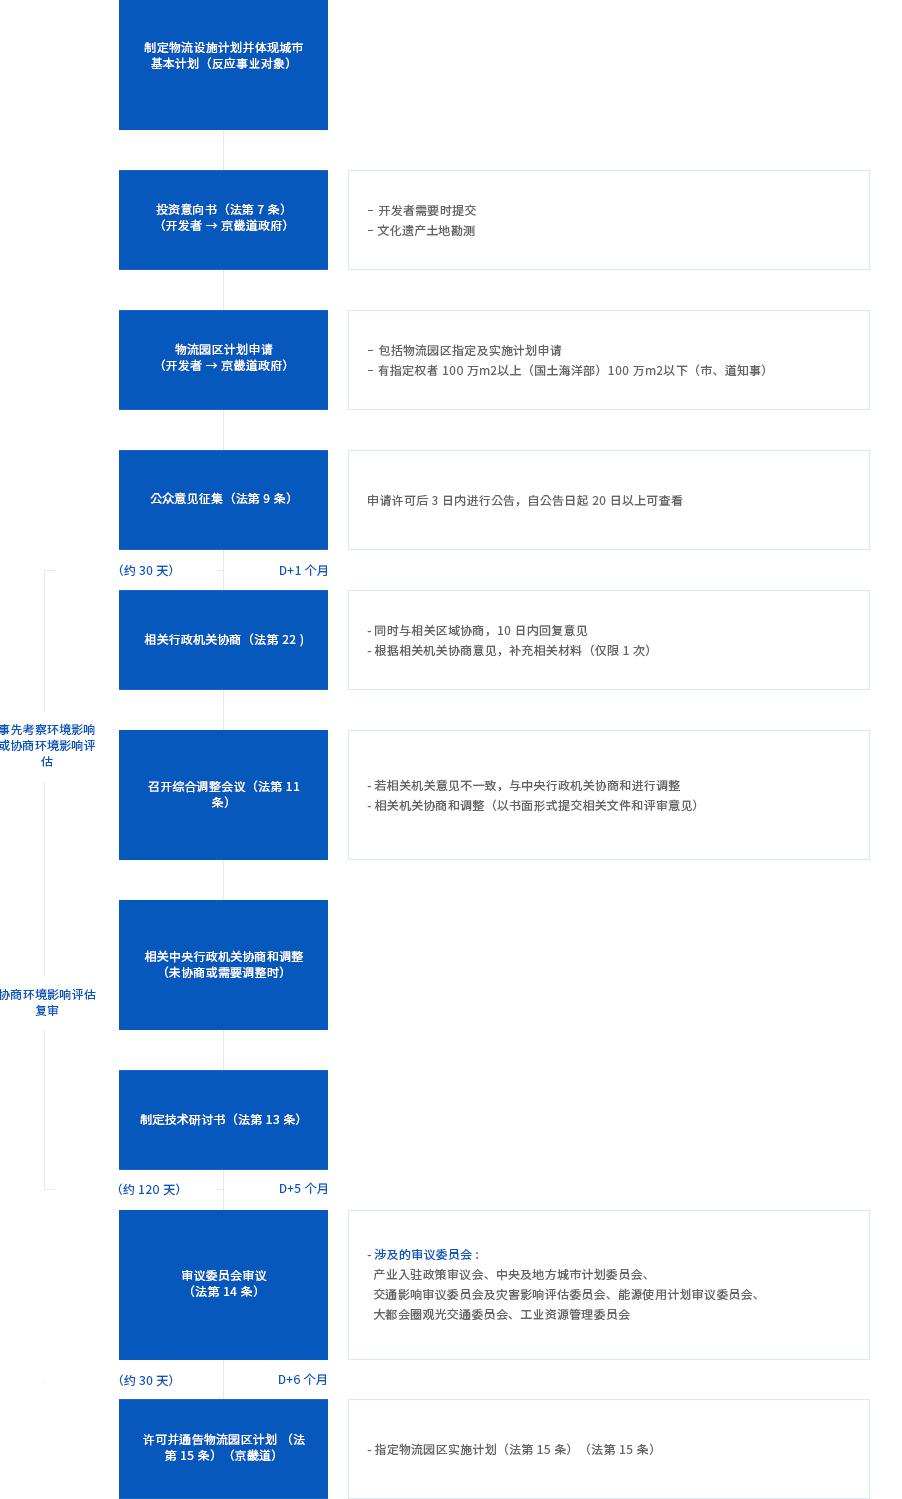 物流 产业园 (Designation and approval for enforcement plan)